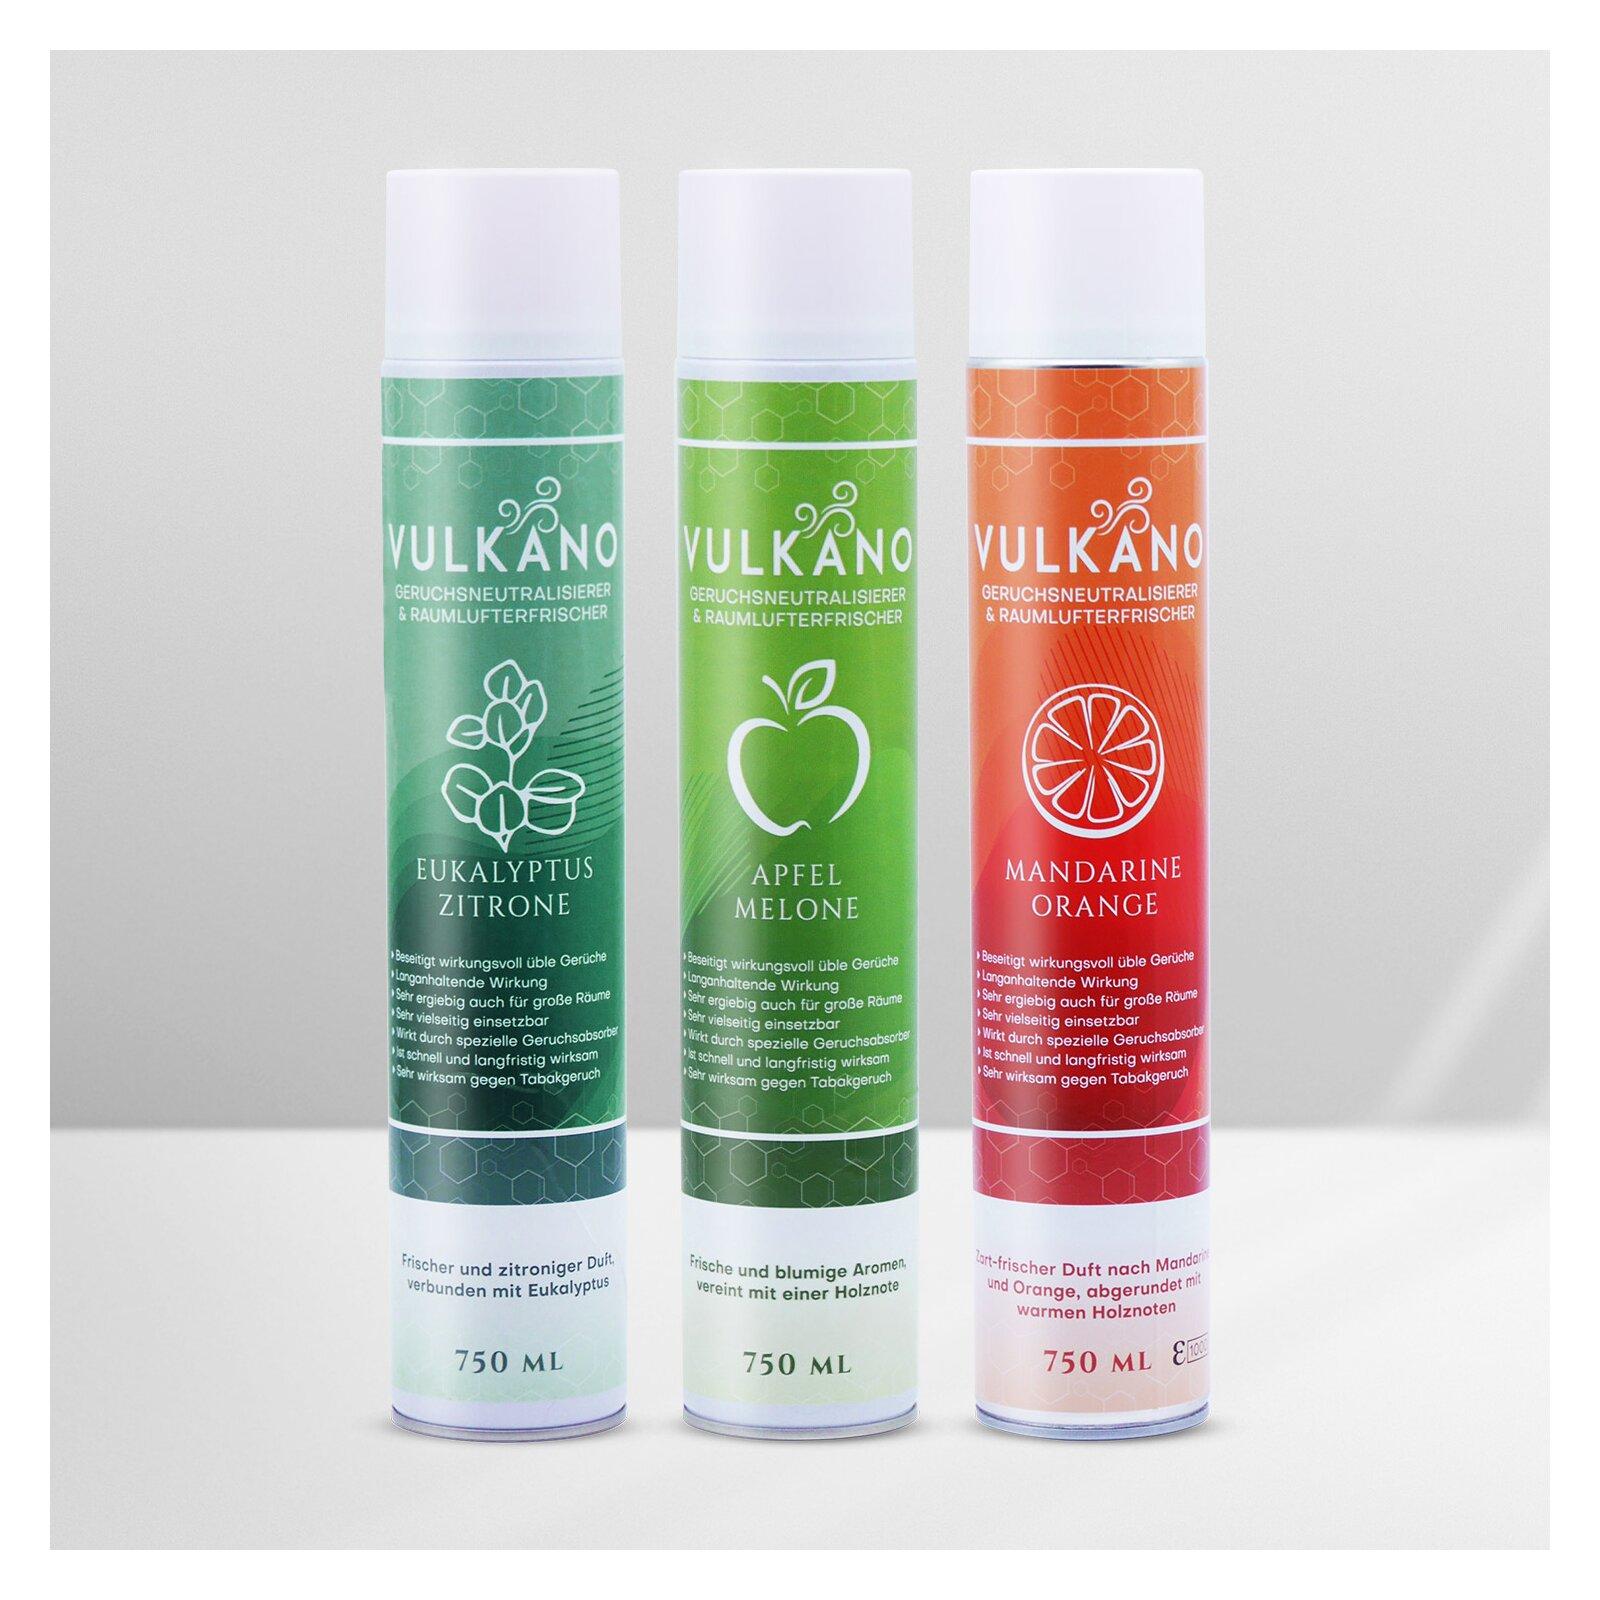 S-Pro® Vulkano Geruchsneutralisierer